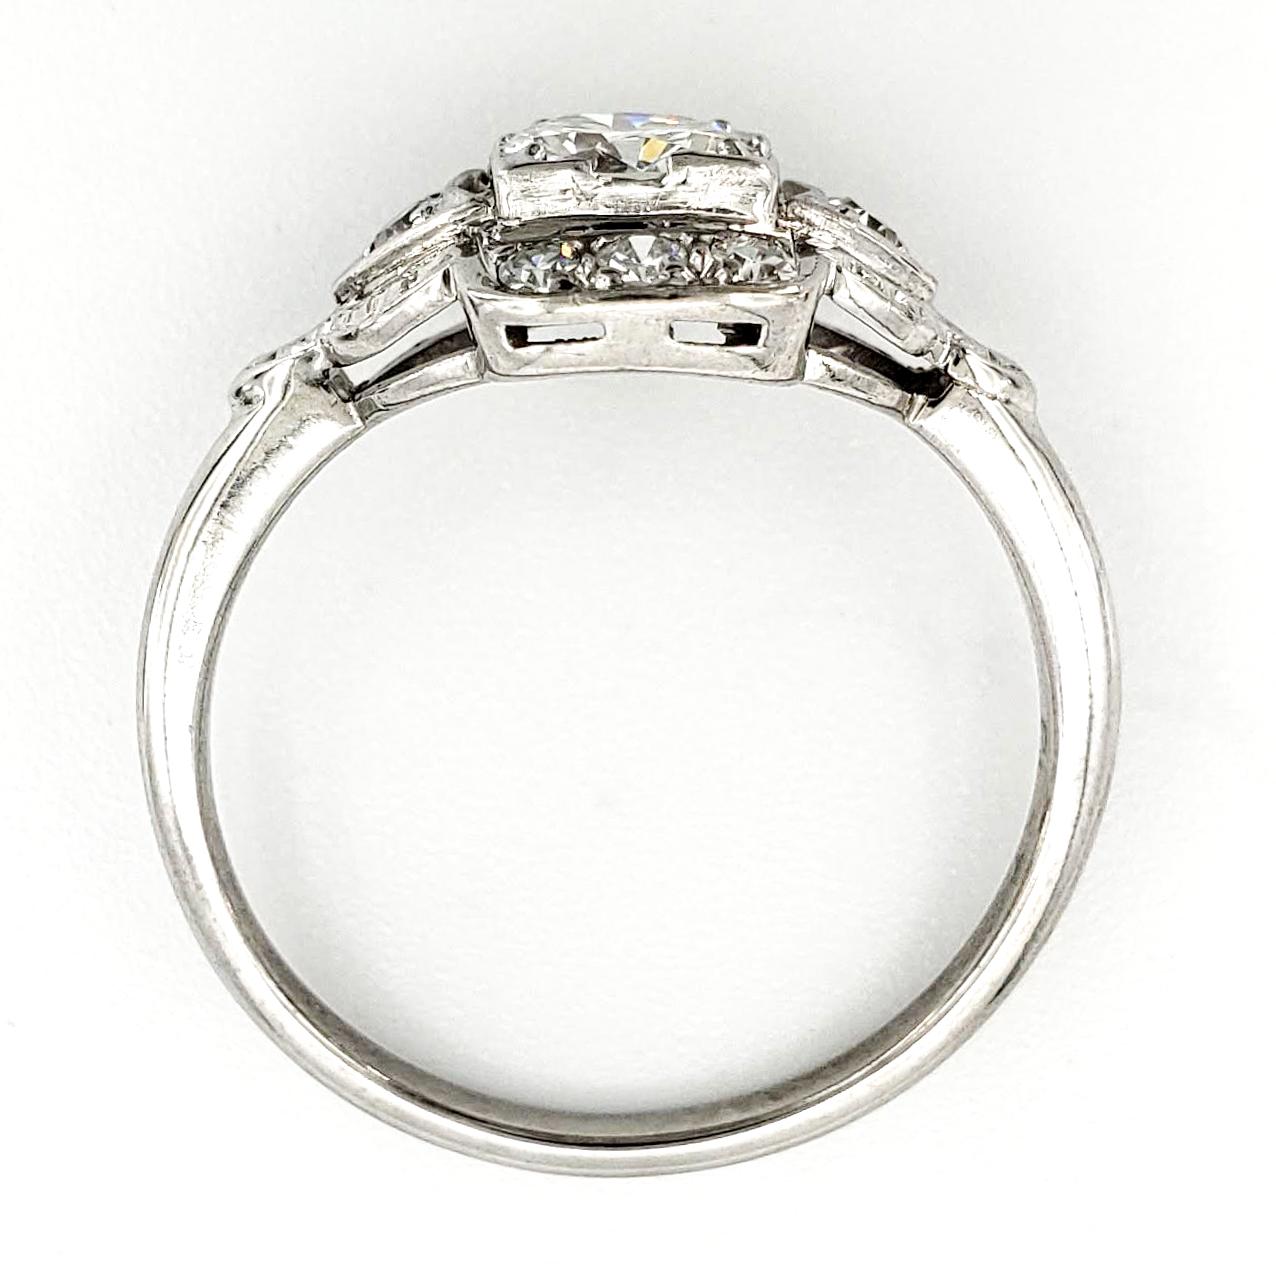 vintage-platinum-engagement-ring-with-0-50-carat-round-brilliant-cut-diamond-egl-h-vs1